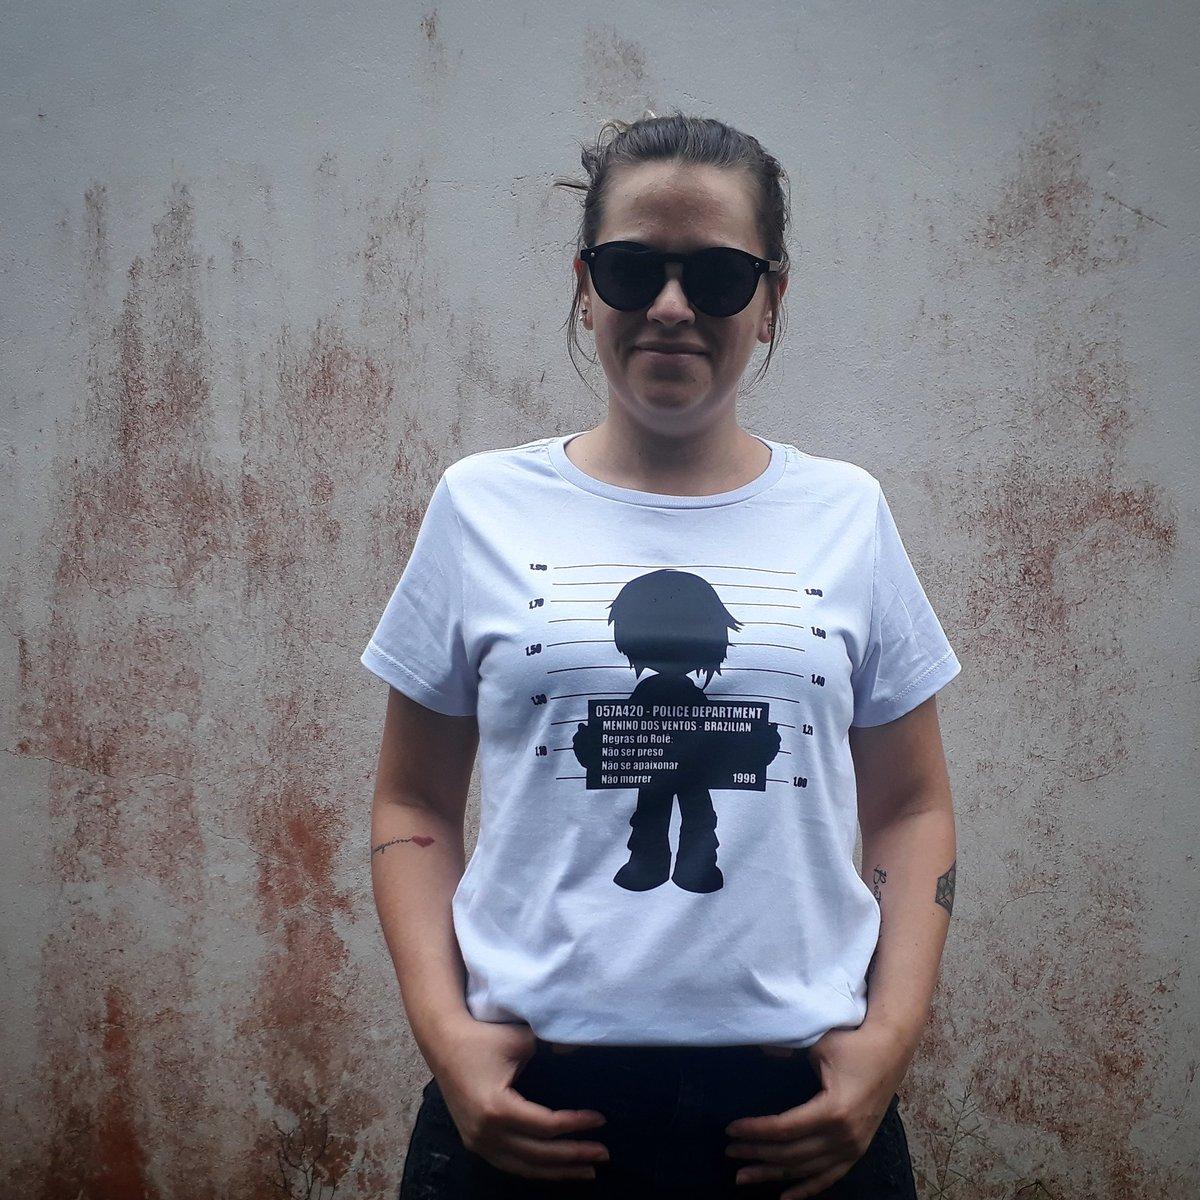 Menino dos Ventos a camiseta ideal para curtir o verão Deixe essa brisa te levar! Pedidos via direct ou Whatsapp (47) 9 9641-8126. Enviamos para todo o Brasil. #usemeninodosventos #shopnow #outlet #streetwear #camisas #skate #camisetas #clothing #enjoy #boasvibes #vibepositiva